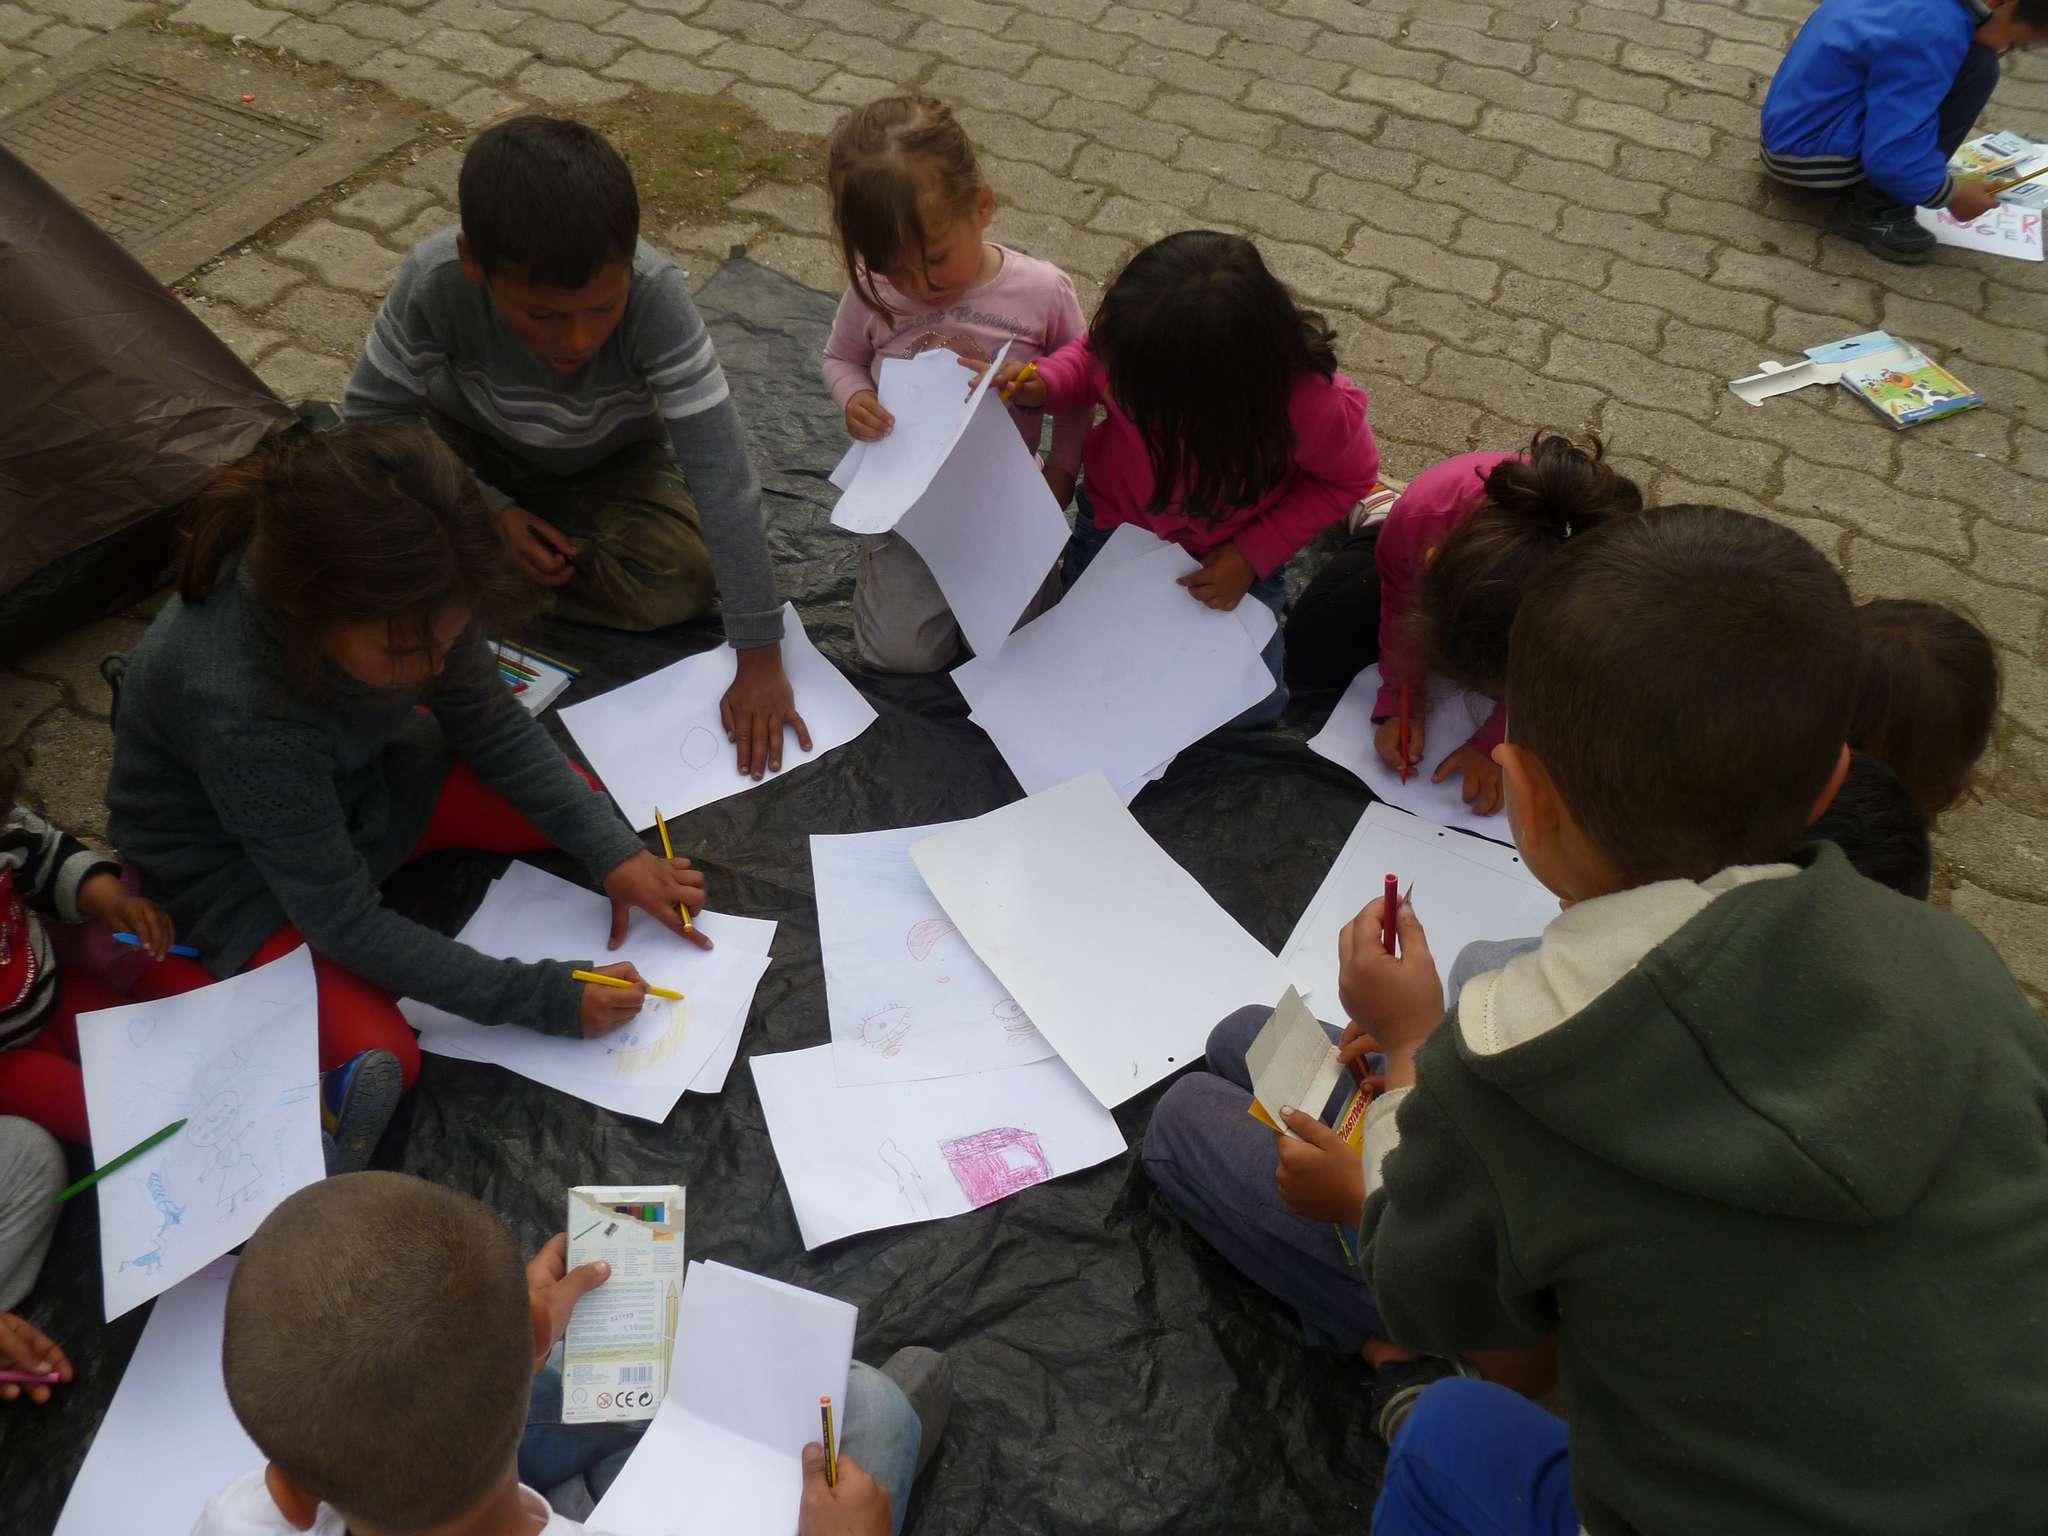 proyectos-educativos-p1040333